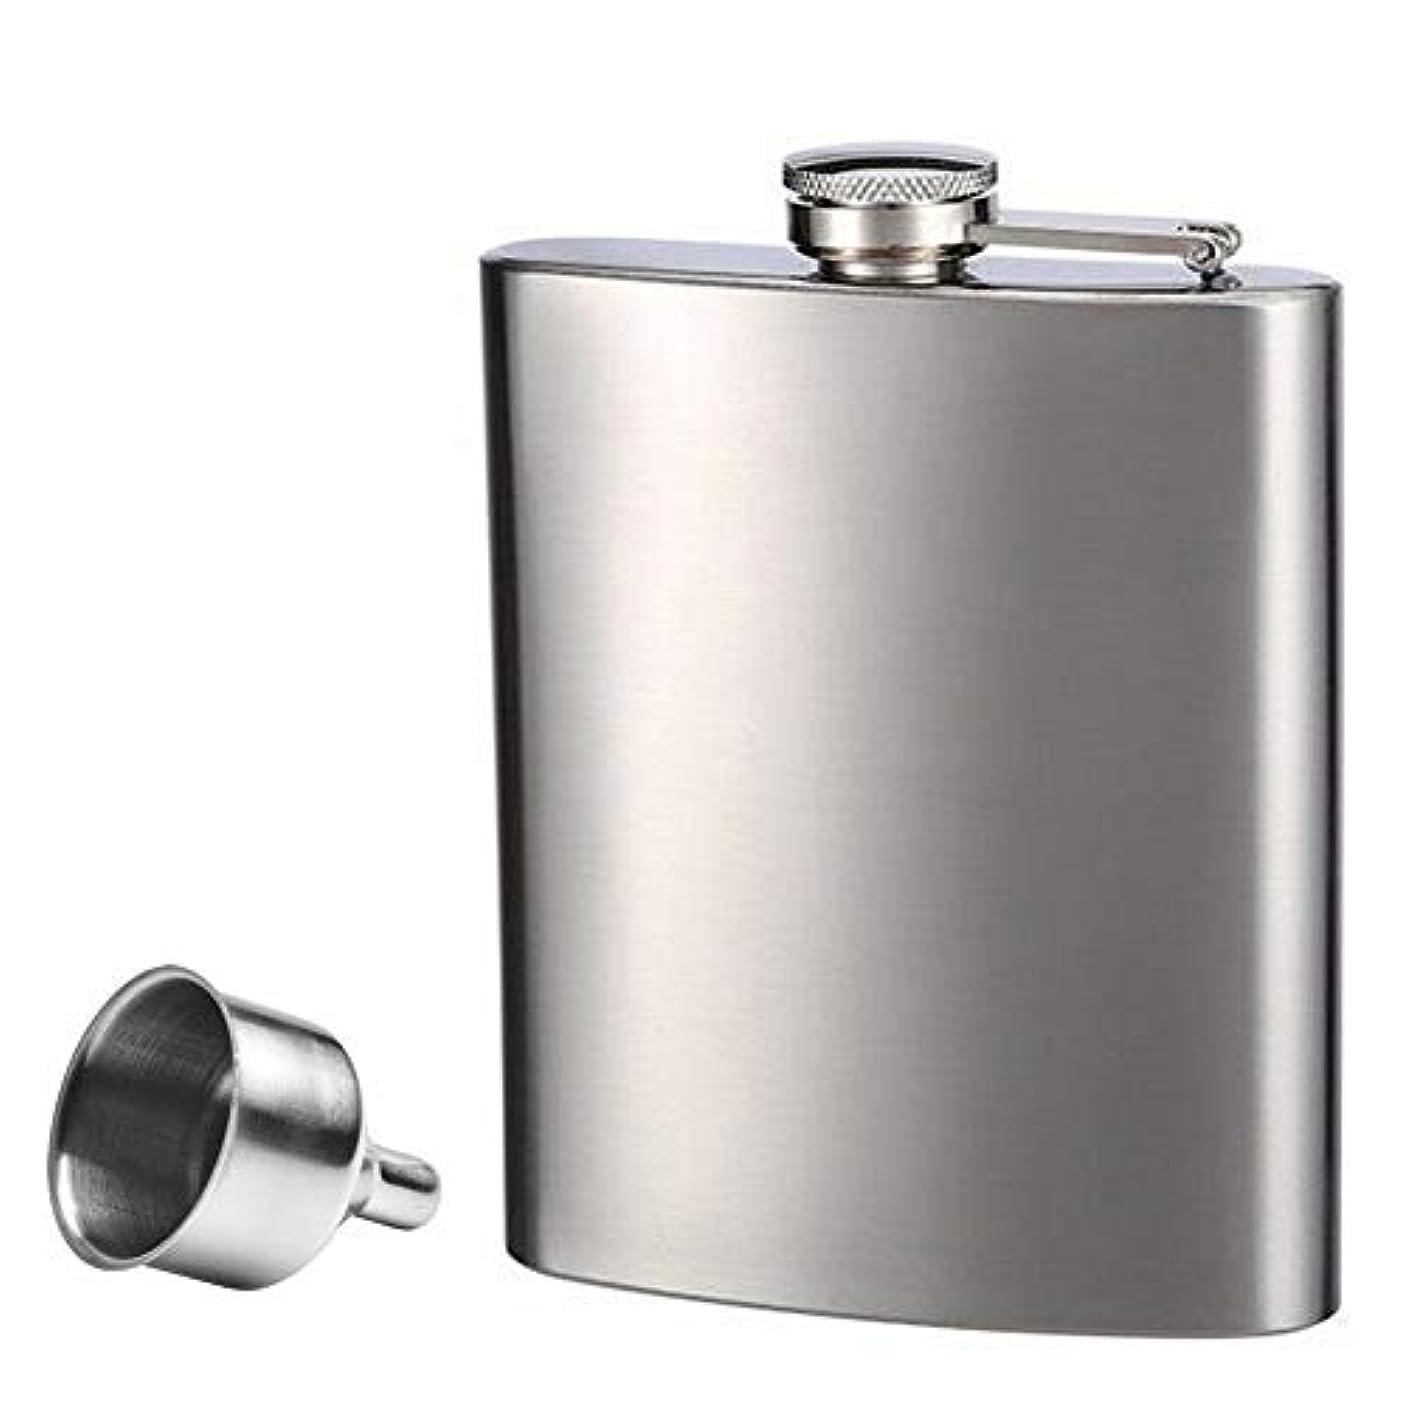 カブ式ぐったりスキットル 8oz 220ml 携帯スキットルウイスキー 清酒ボトル